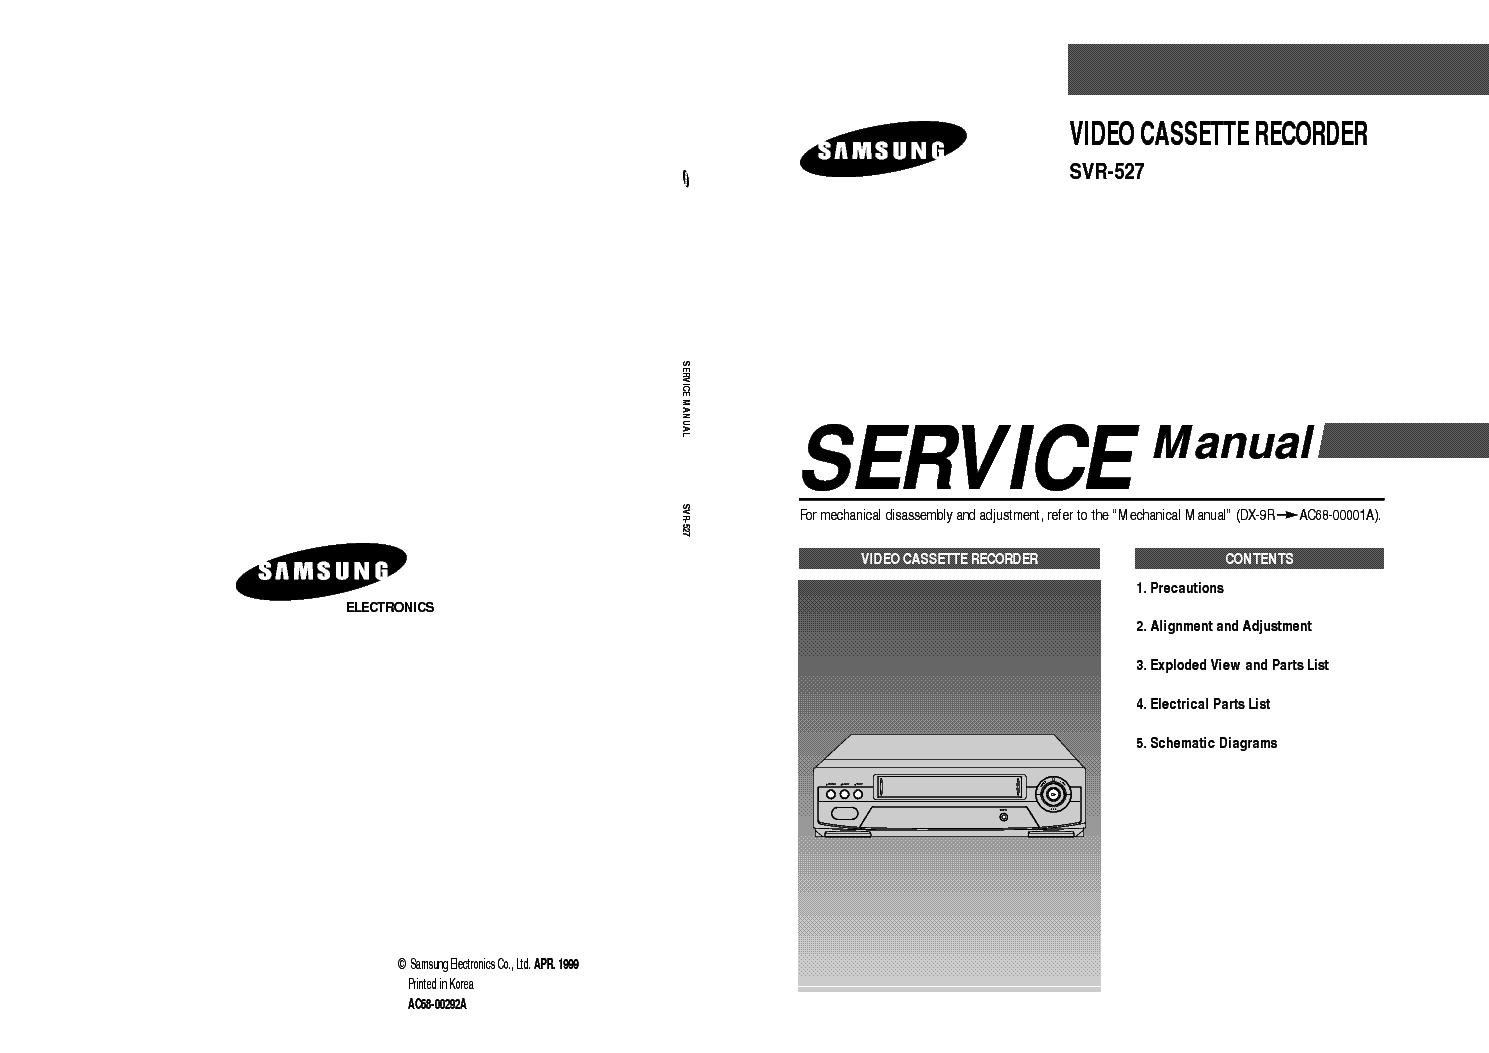 Схема видеокамеры Other SAMSUNG SVR-527.